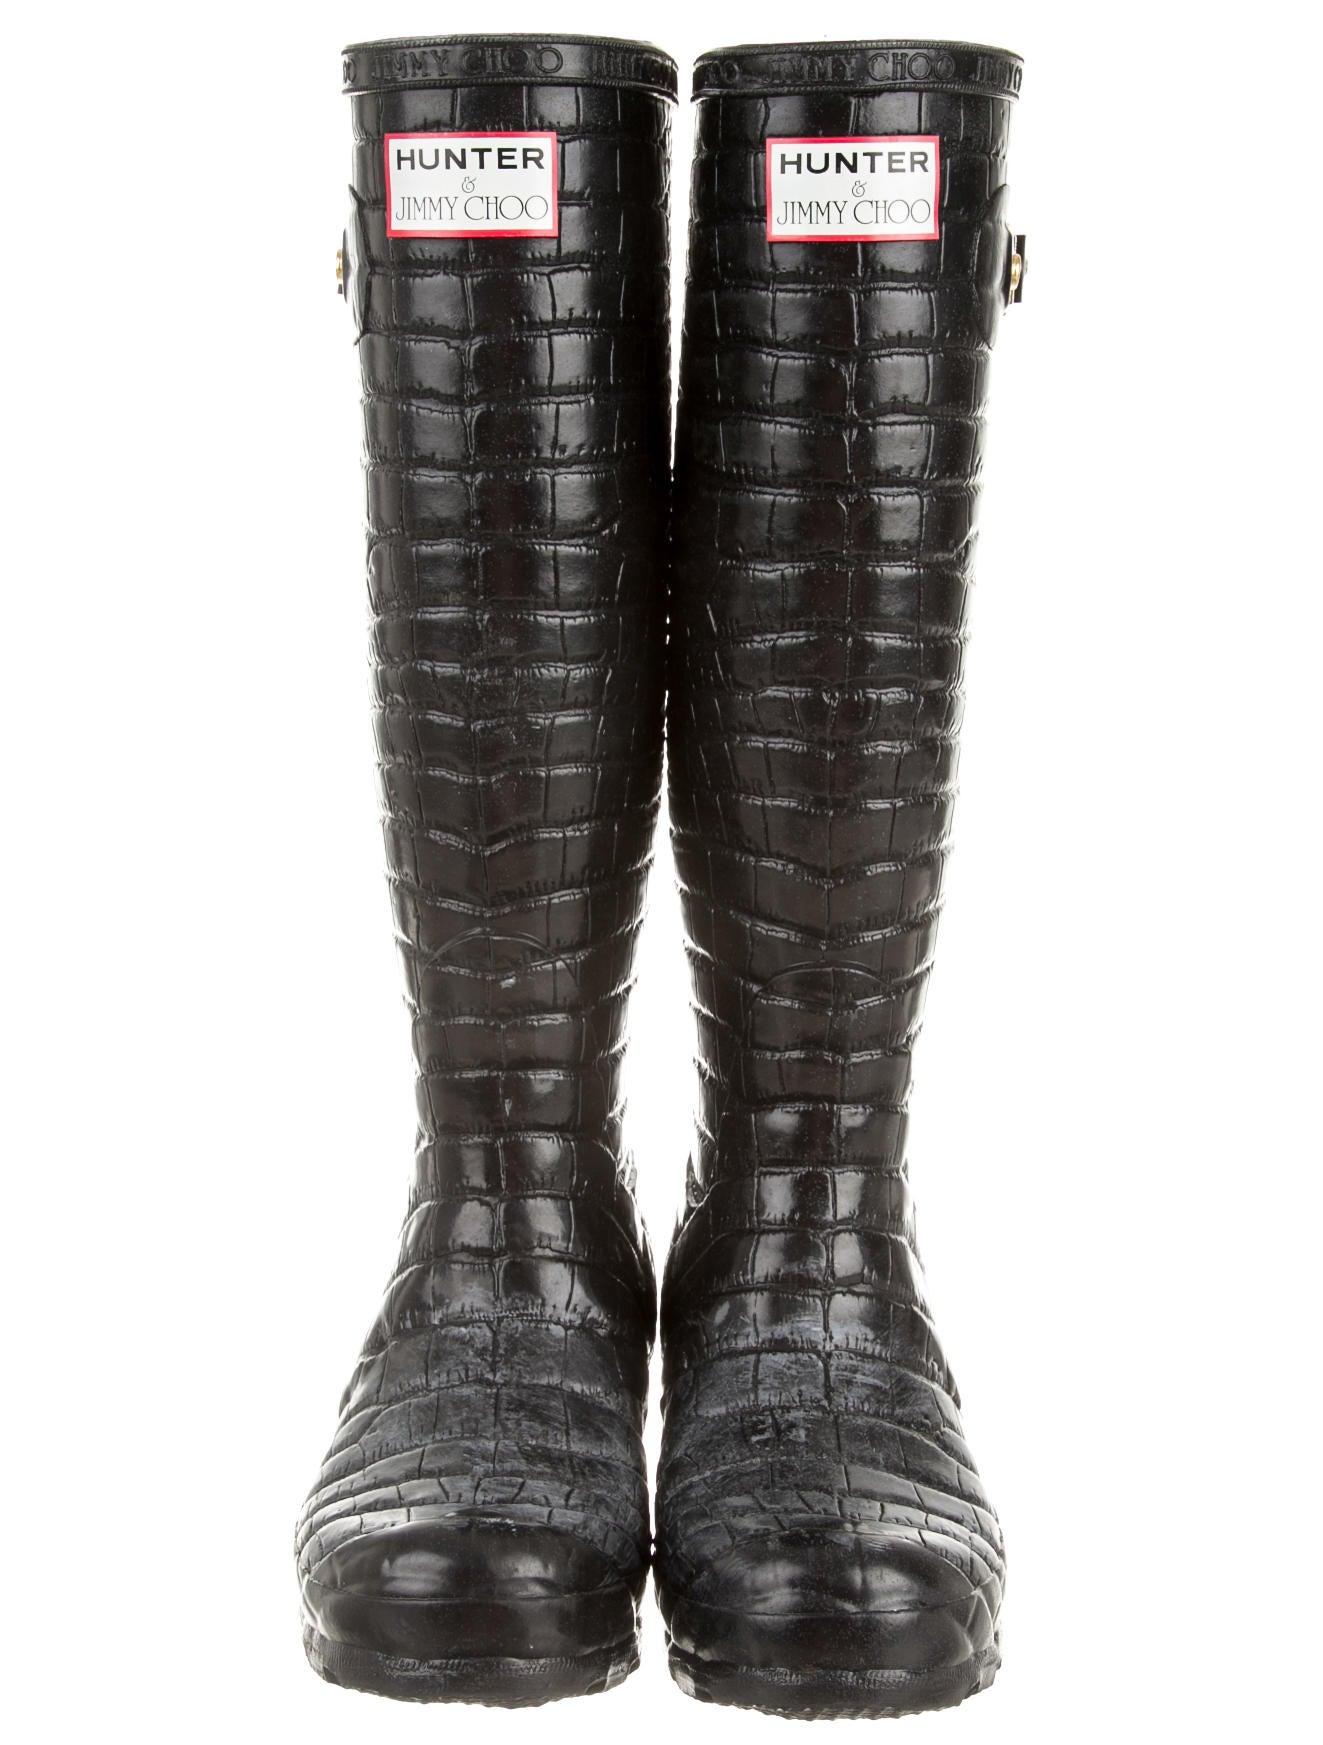 ff61b08532e ... best price jimmy choo x hunter rain boots e7d85 b3f82